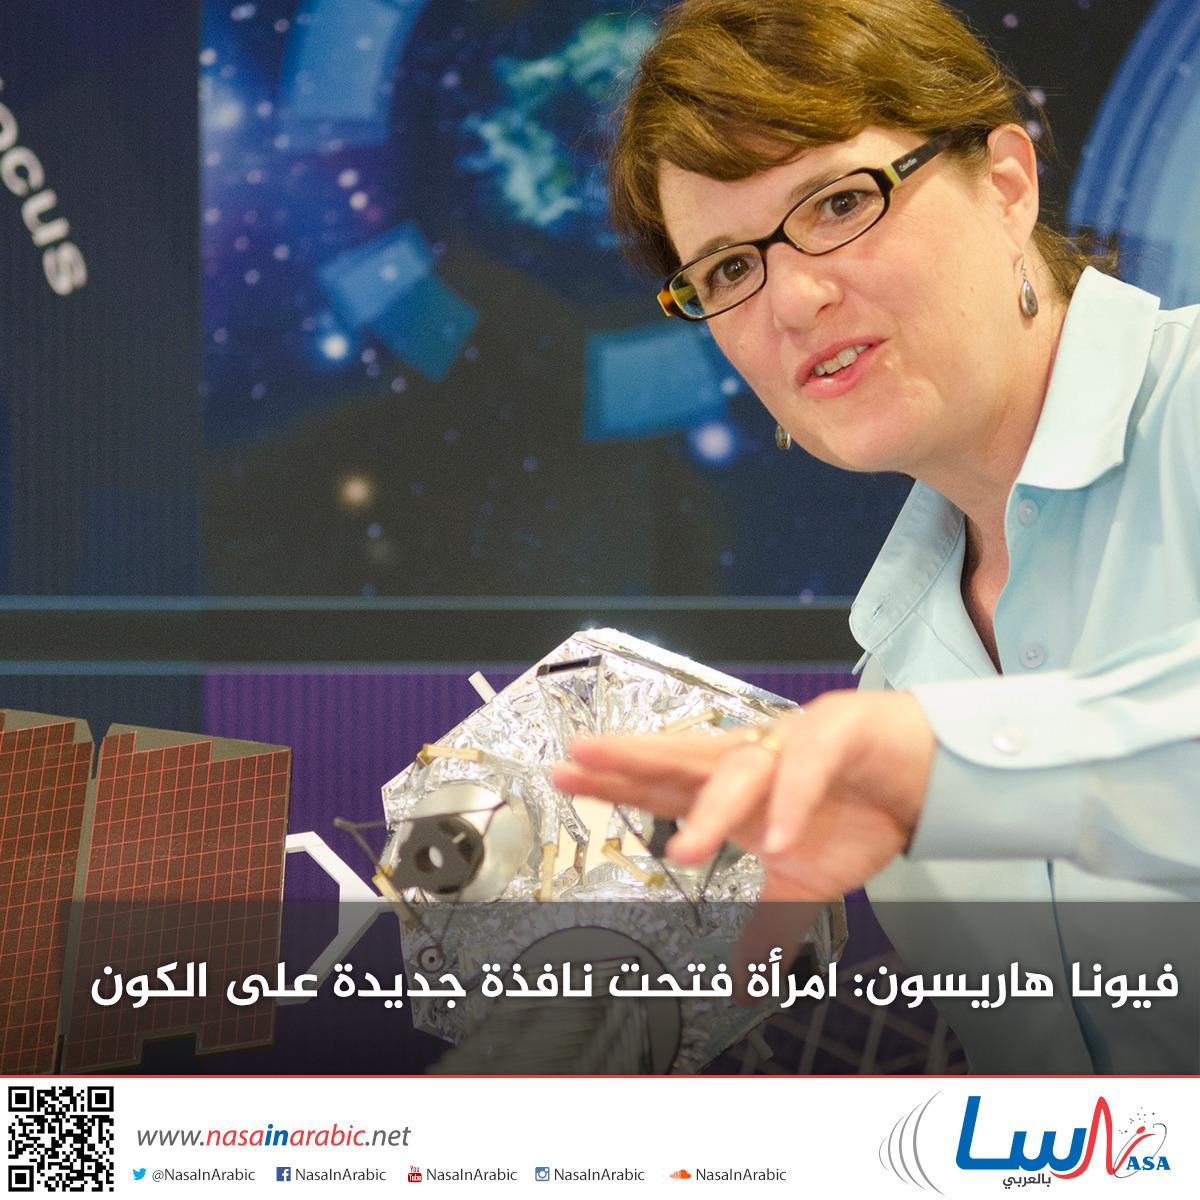 فيونا هاريسون: امرأة فتحت نافذة جديدة على الكون